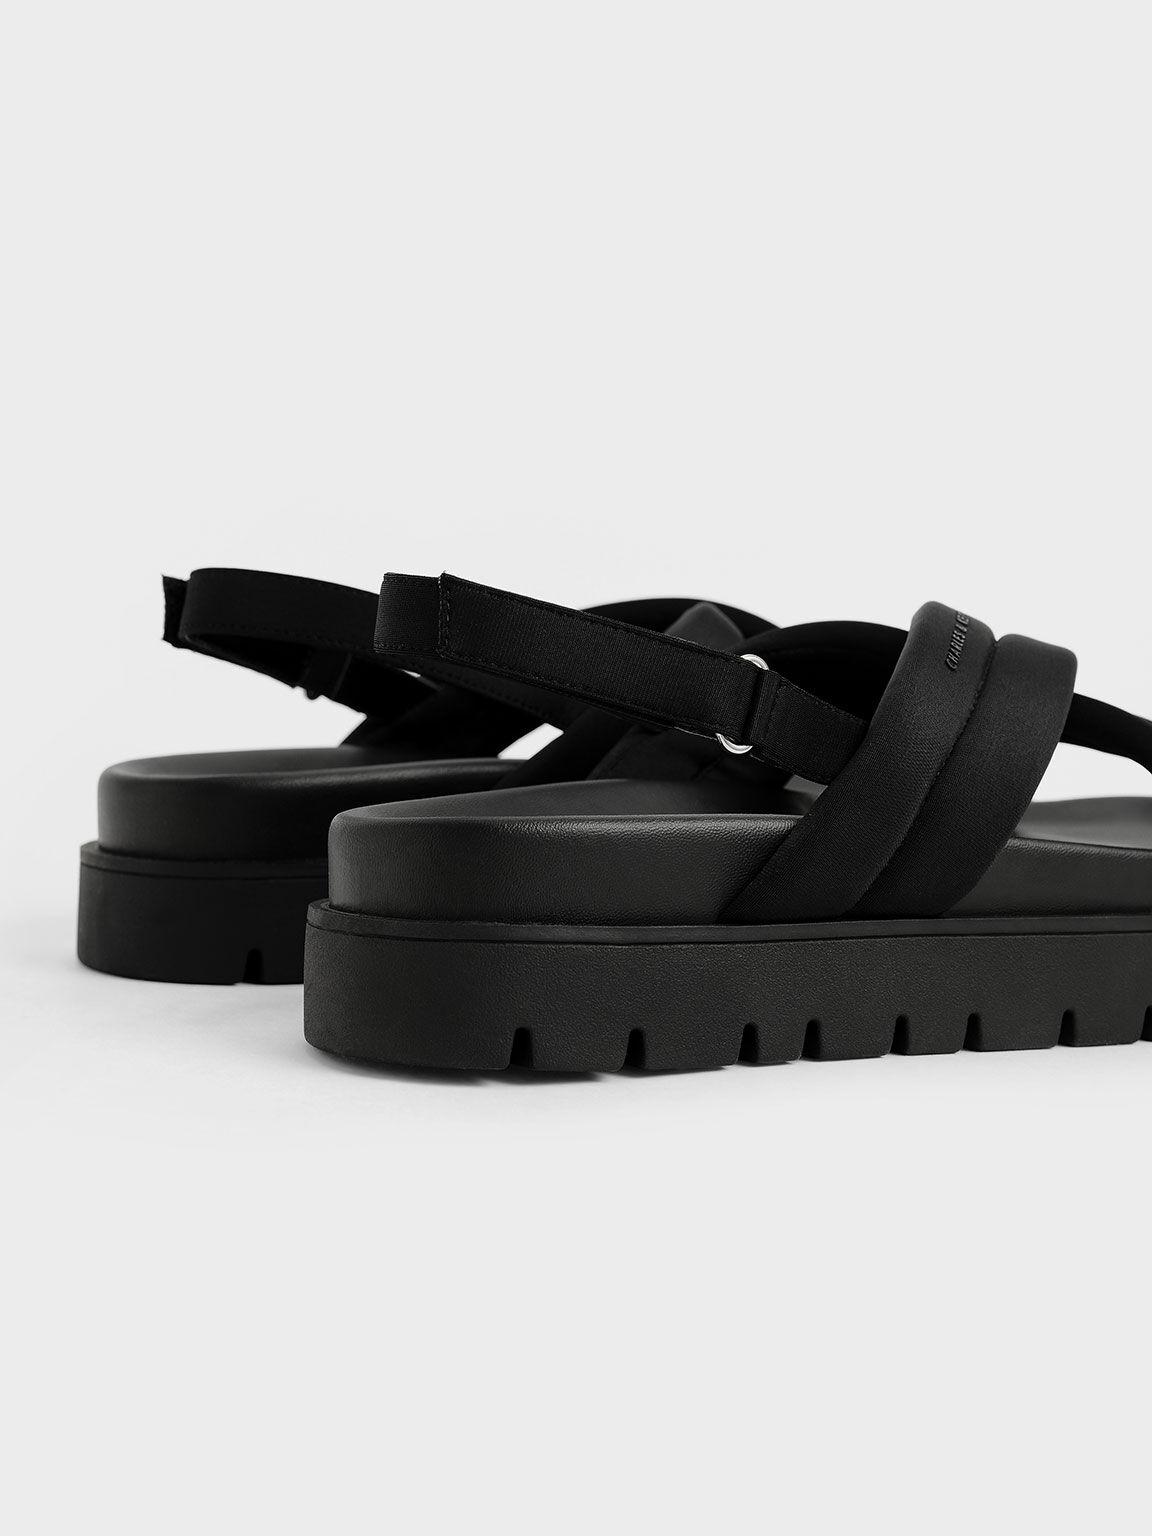 環保聚酯纖維交叉涼鞋, 黑色, hi-res